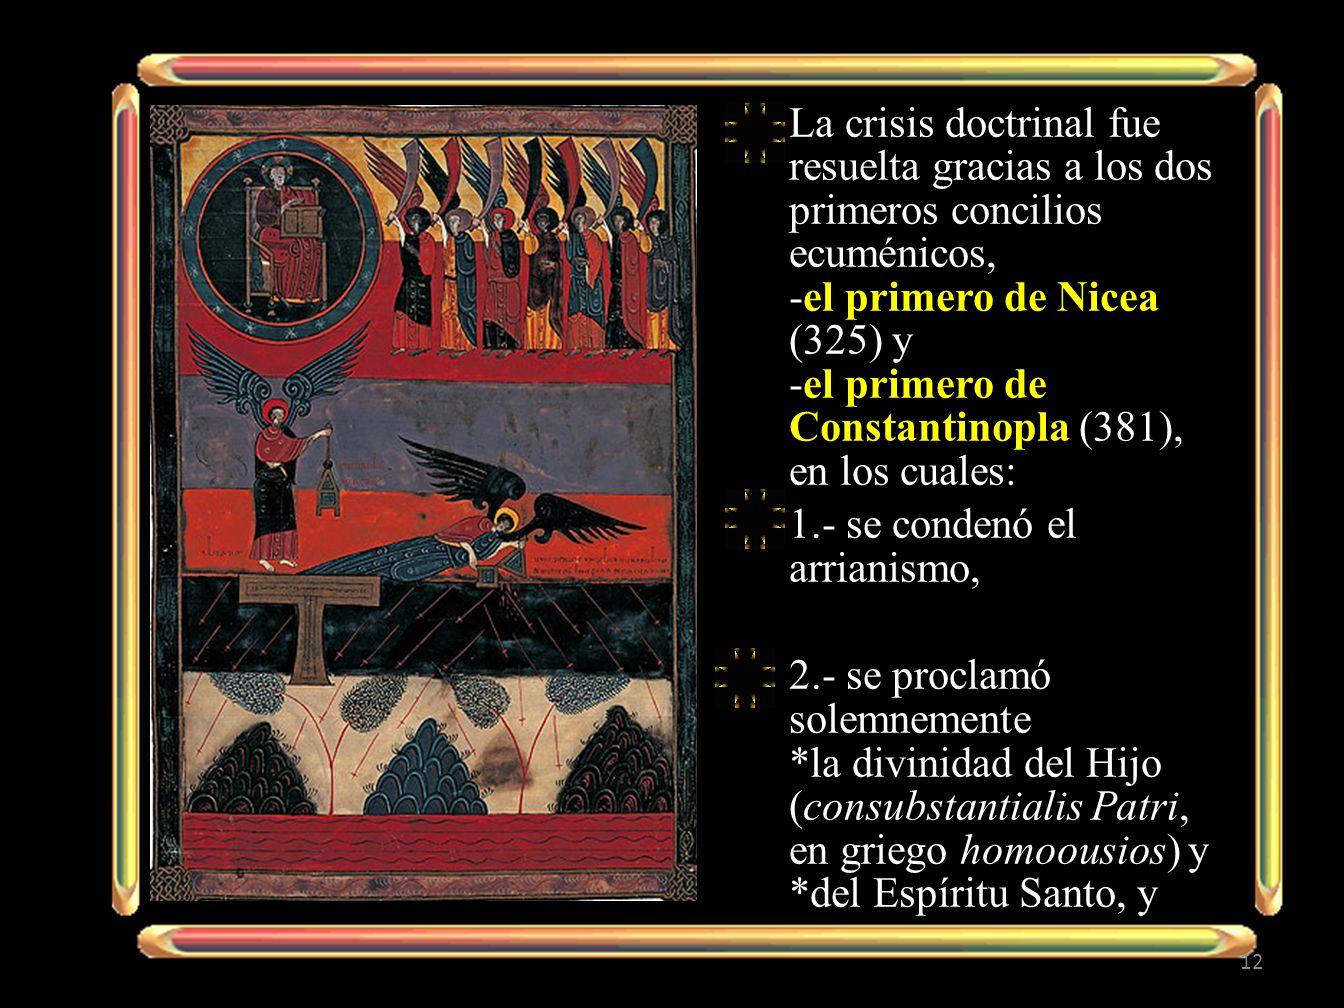 La crisis doctrinal fue resuelta gracias a los dos primeros concilios ecuménicos, -el primero de Nicea (325) y -el primero de Constantinopla (381), en